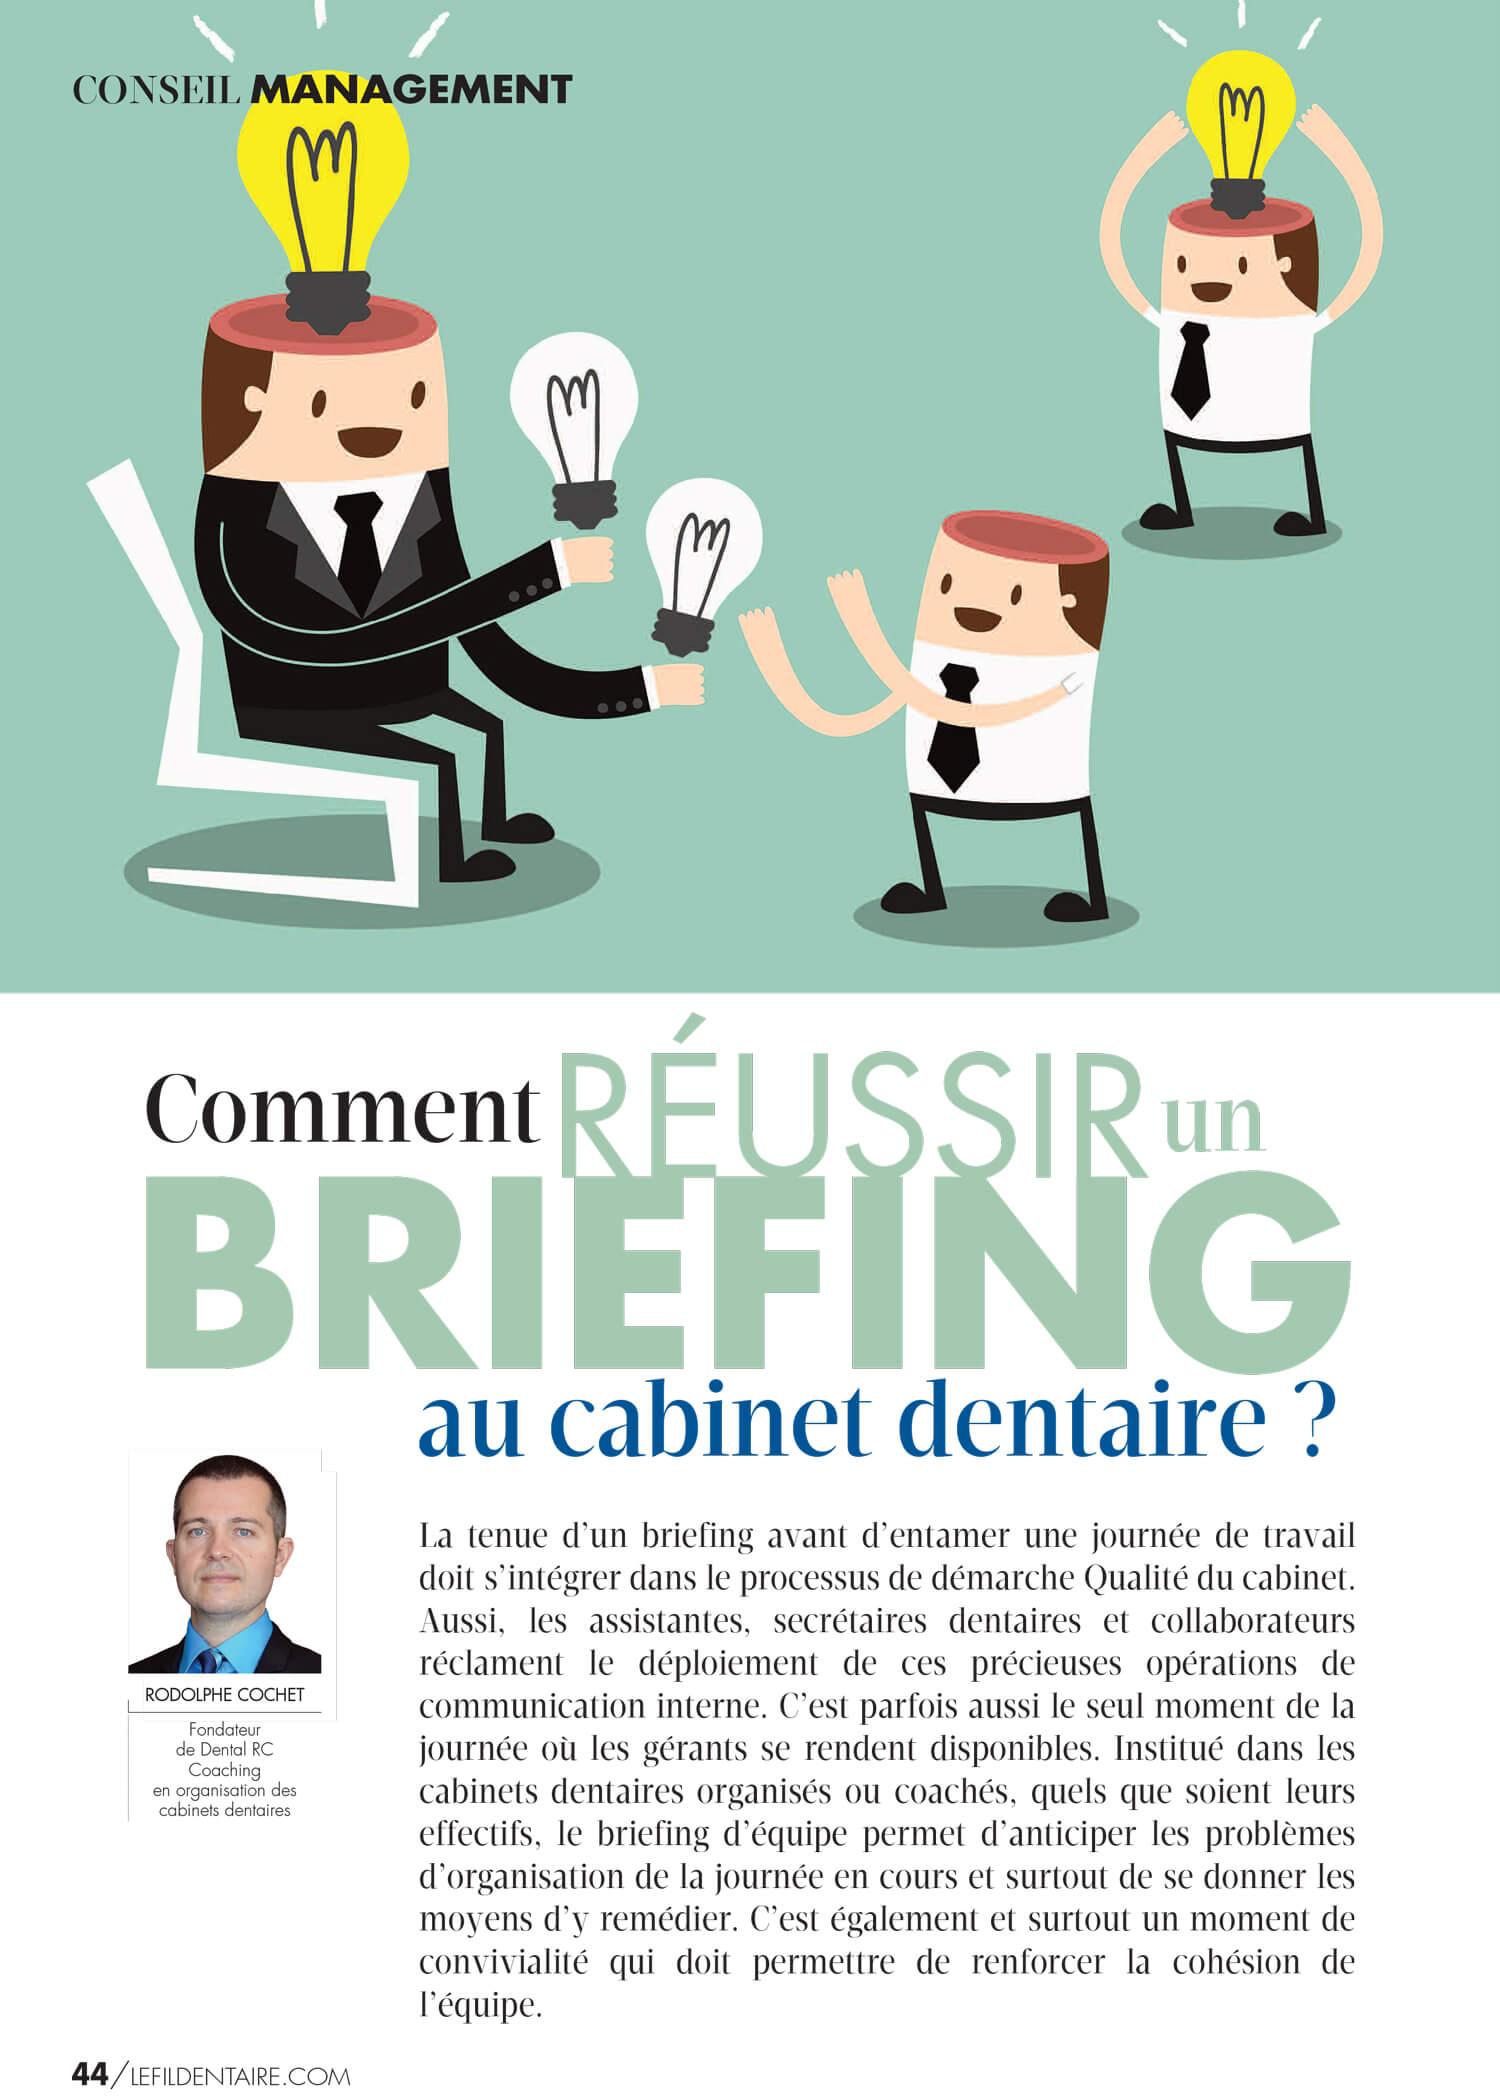 Comment-reussir-un-briefing-au-cabinet-dentaire-Rodolphe-Cochet.jpg